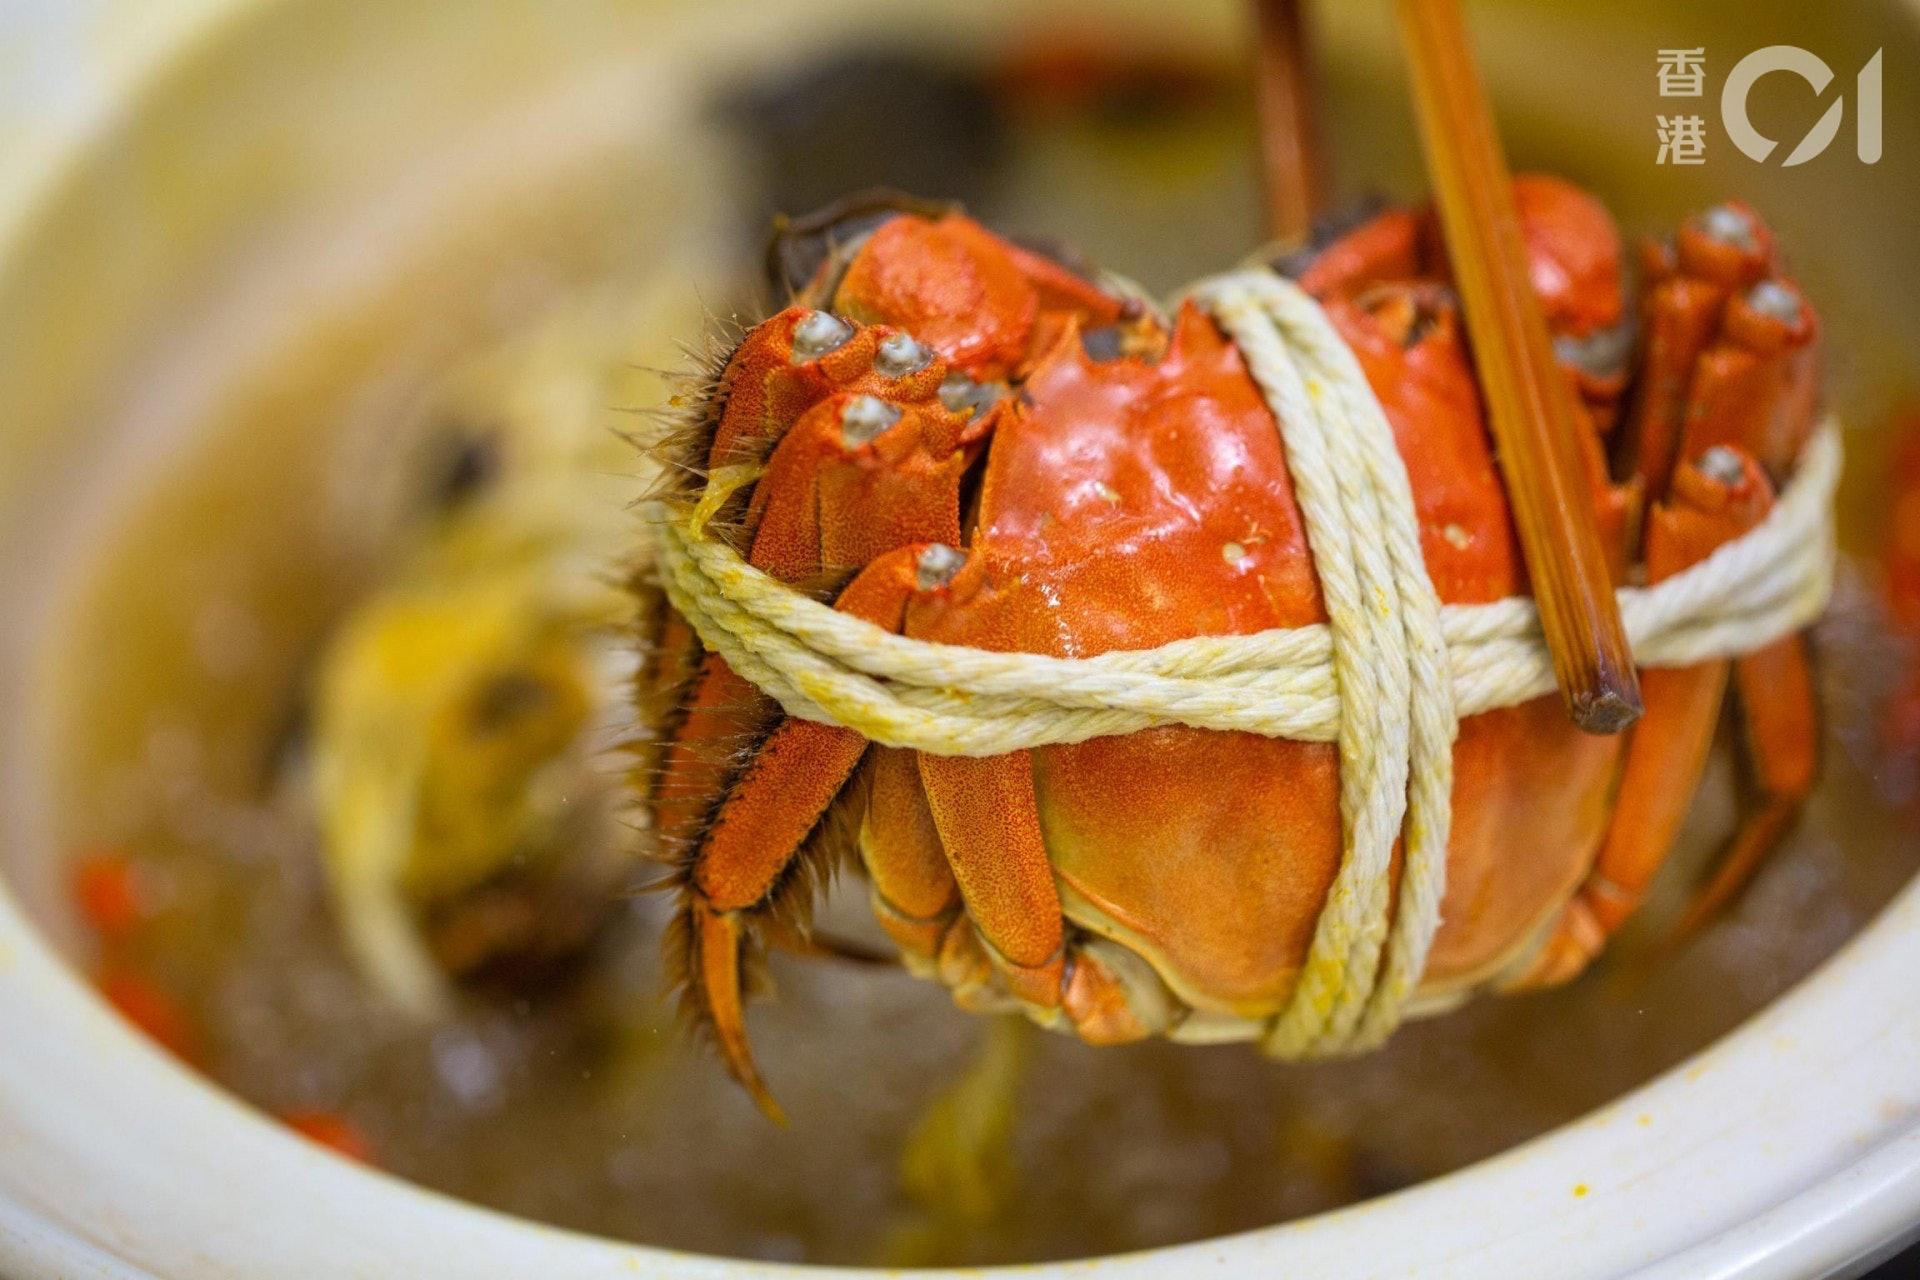 大閘蟹是寒涼帶濕的食品,如吃得過量,可能引起肚屙、咳嗽、敏感徵狀加劇等問題。(資料圖片/歐嘉樂攝)